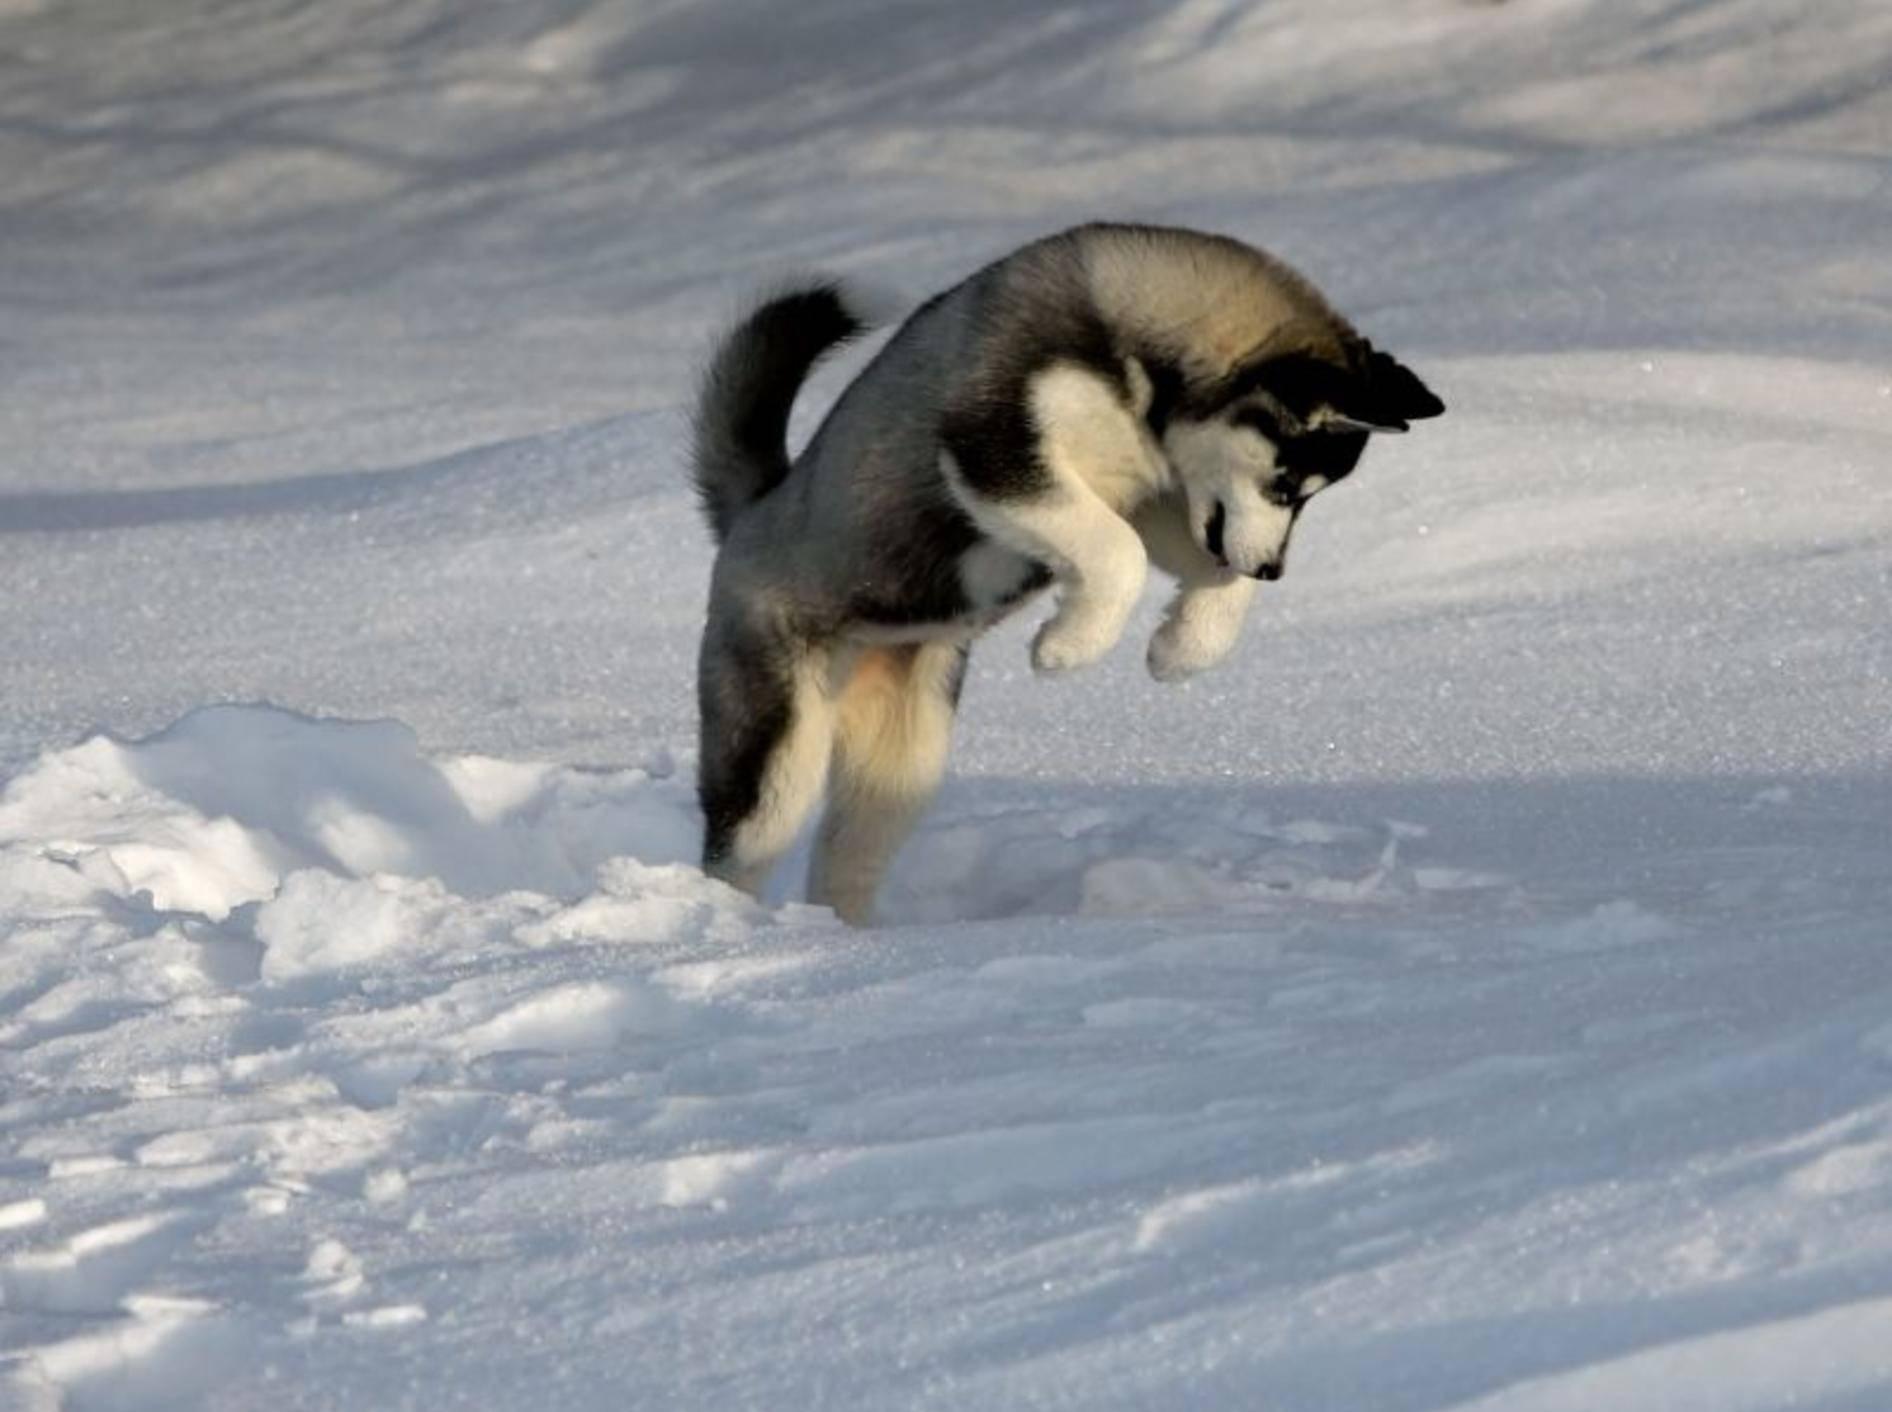 Springen und im Schnee spielen aus Leidenschaft: Der Husky ist eine Sportskanone — Bild: Shutterstock / plastique